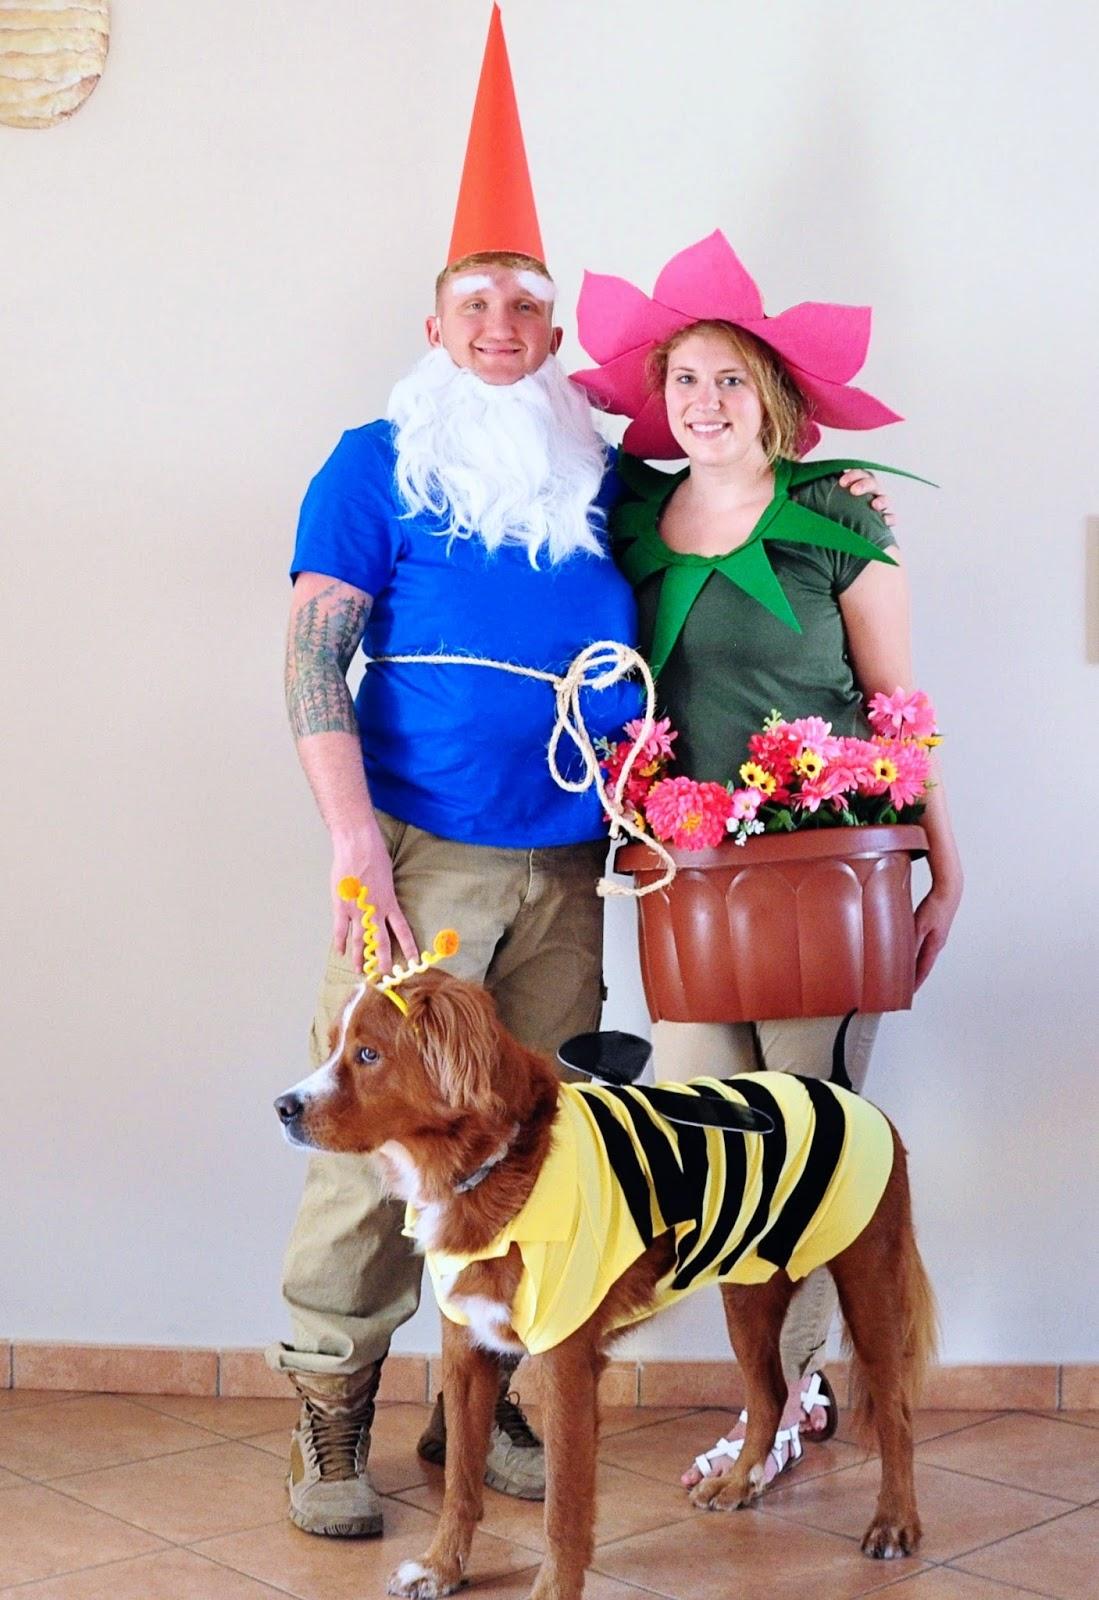 Little Sloth Garden Gnome Flower Bee Family Costume